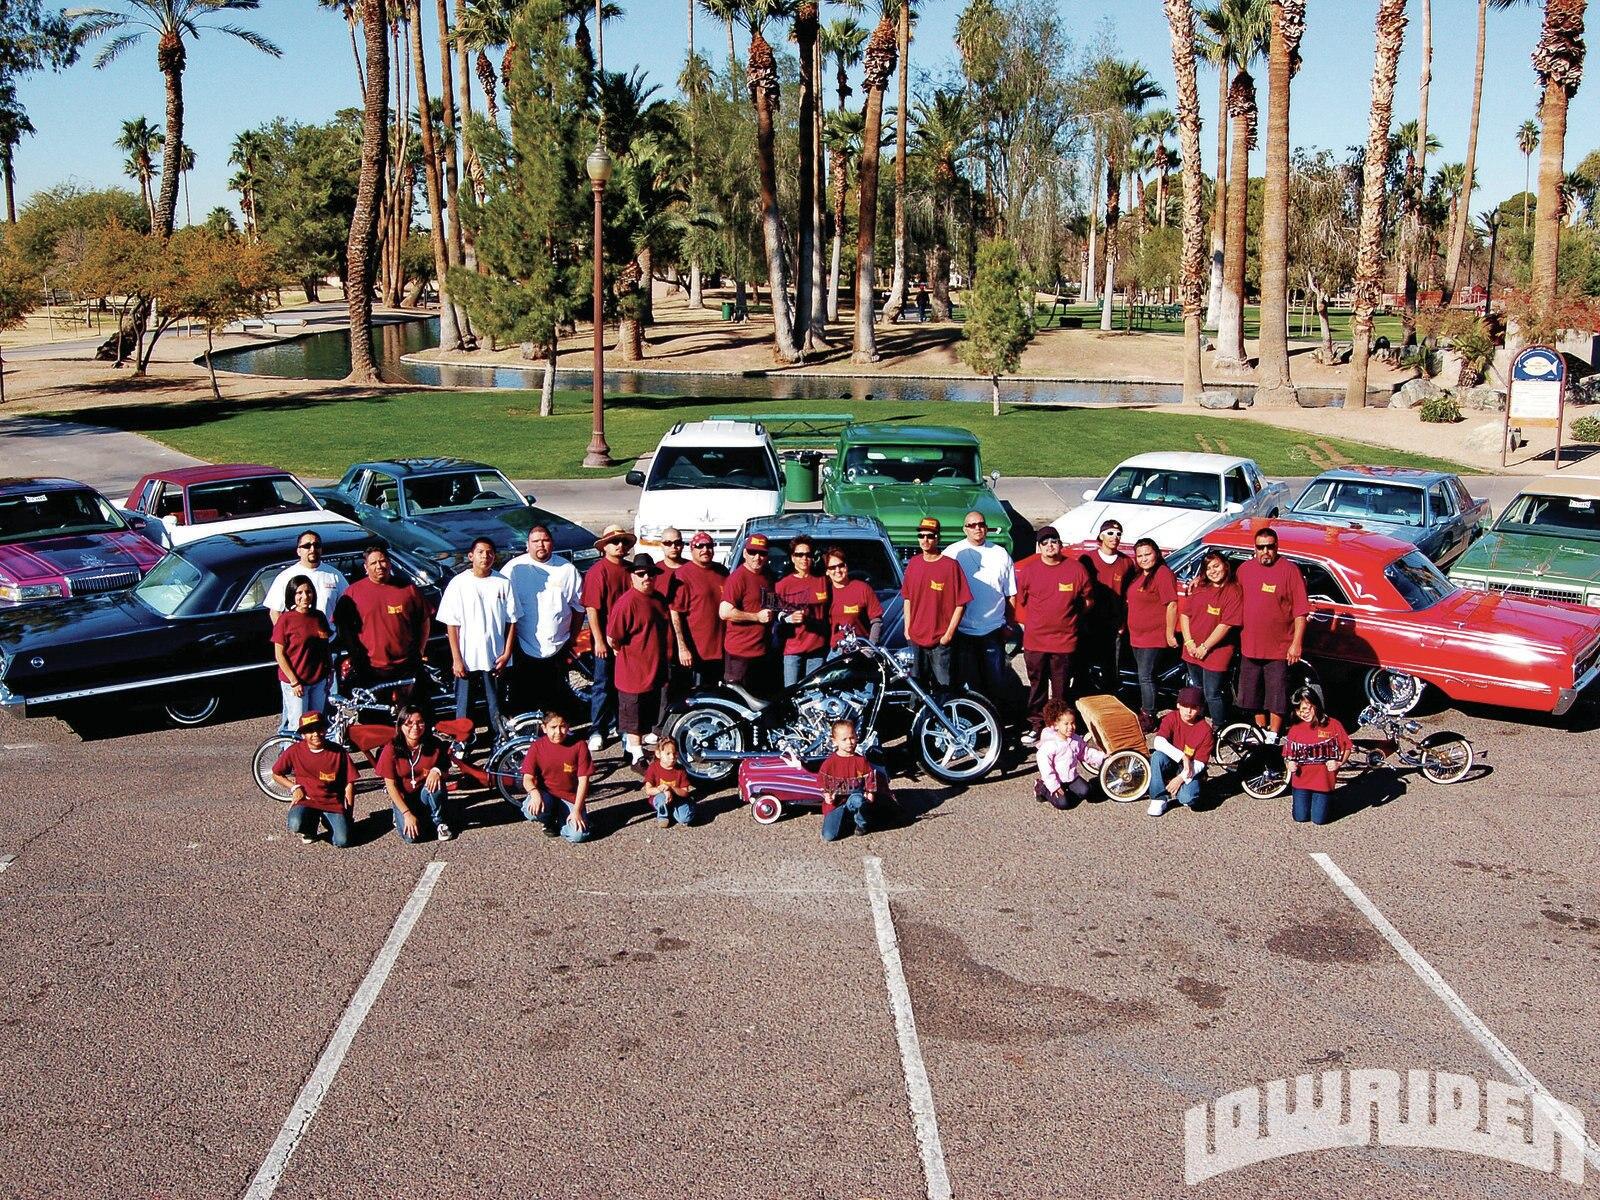 1202-lrmp-03-o-identity-car-club-AZ-club-members1